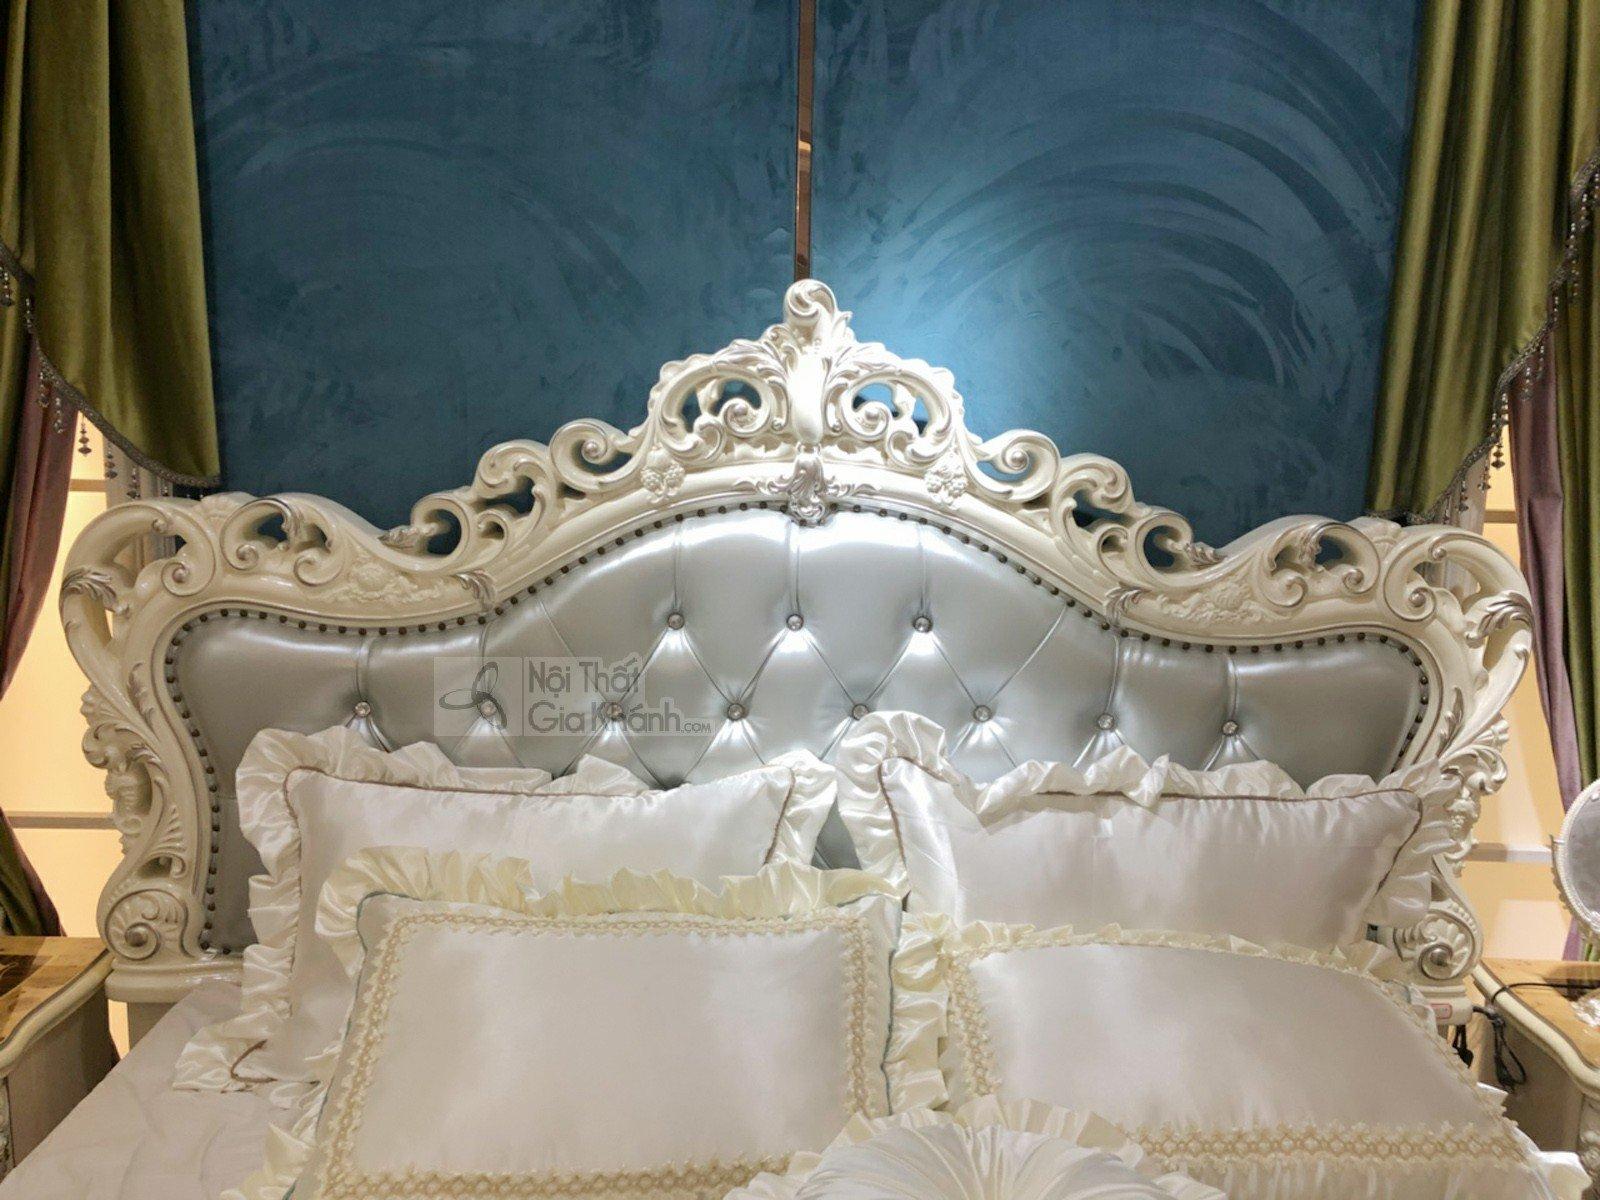 giuong ngu tan co dien phong cach phap gi8803h 2 - Giường ngủ tân cổ điển phong cách Pháp GI8803H